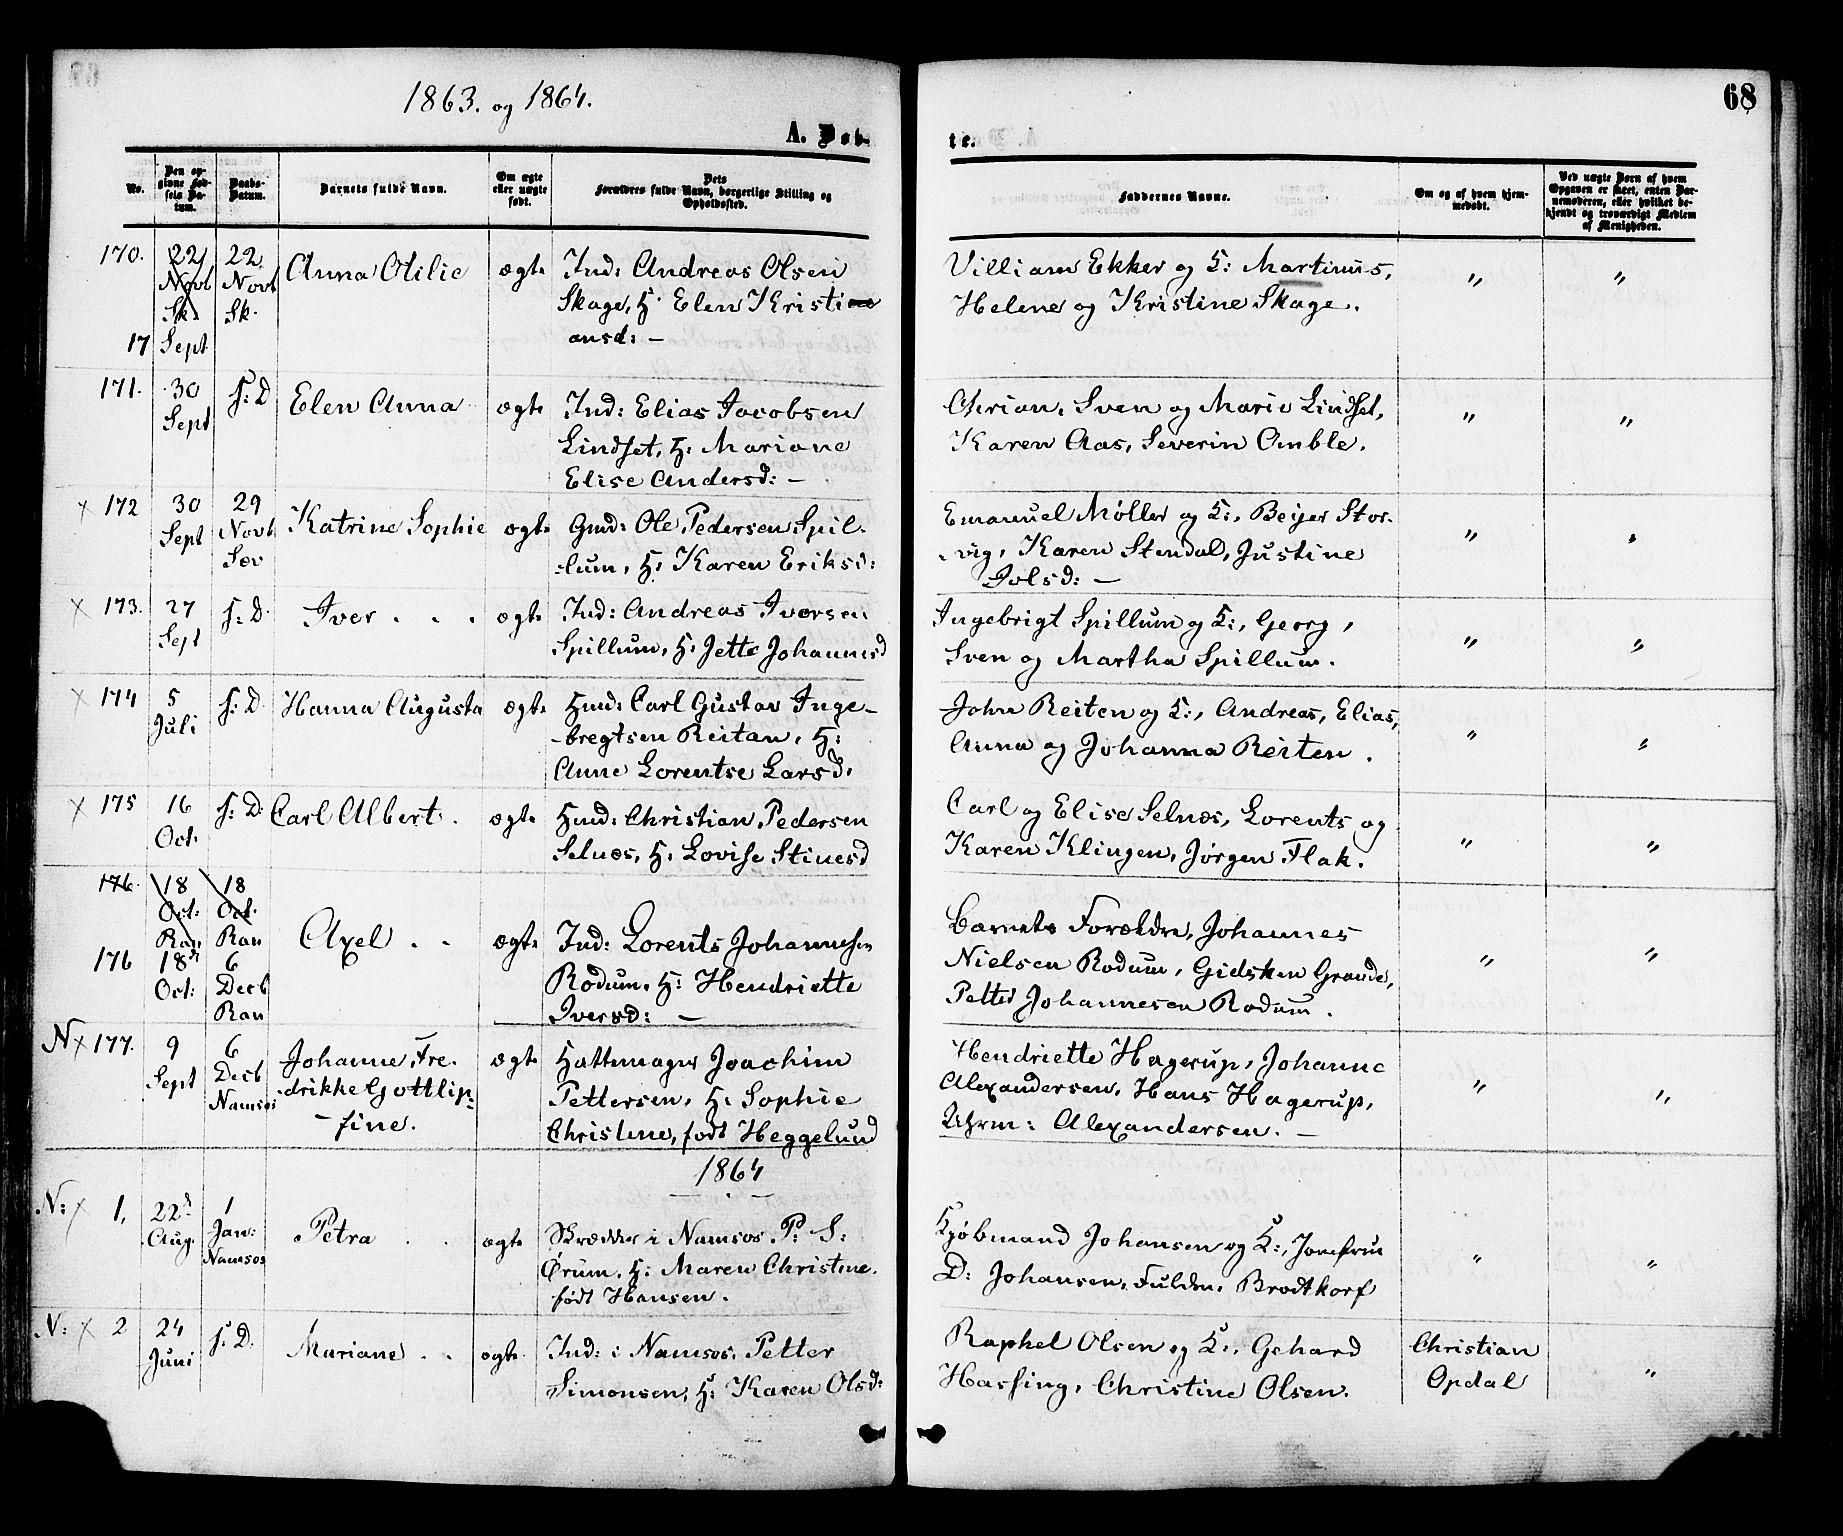 SAT, Ministerialprotokoller, klokkerbøker og fødselsregistre - Nord-Trøndelag, 764/L0553: Ministerialbok nr. 764A08, 1858-1880, s. 68